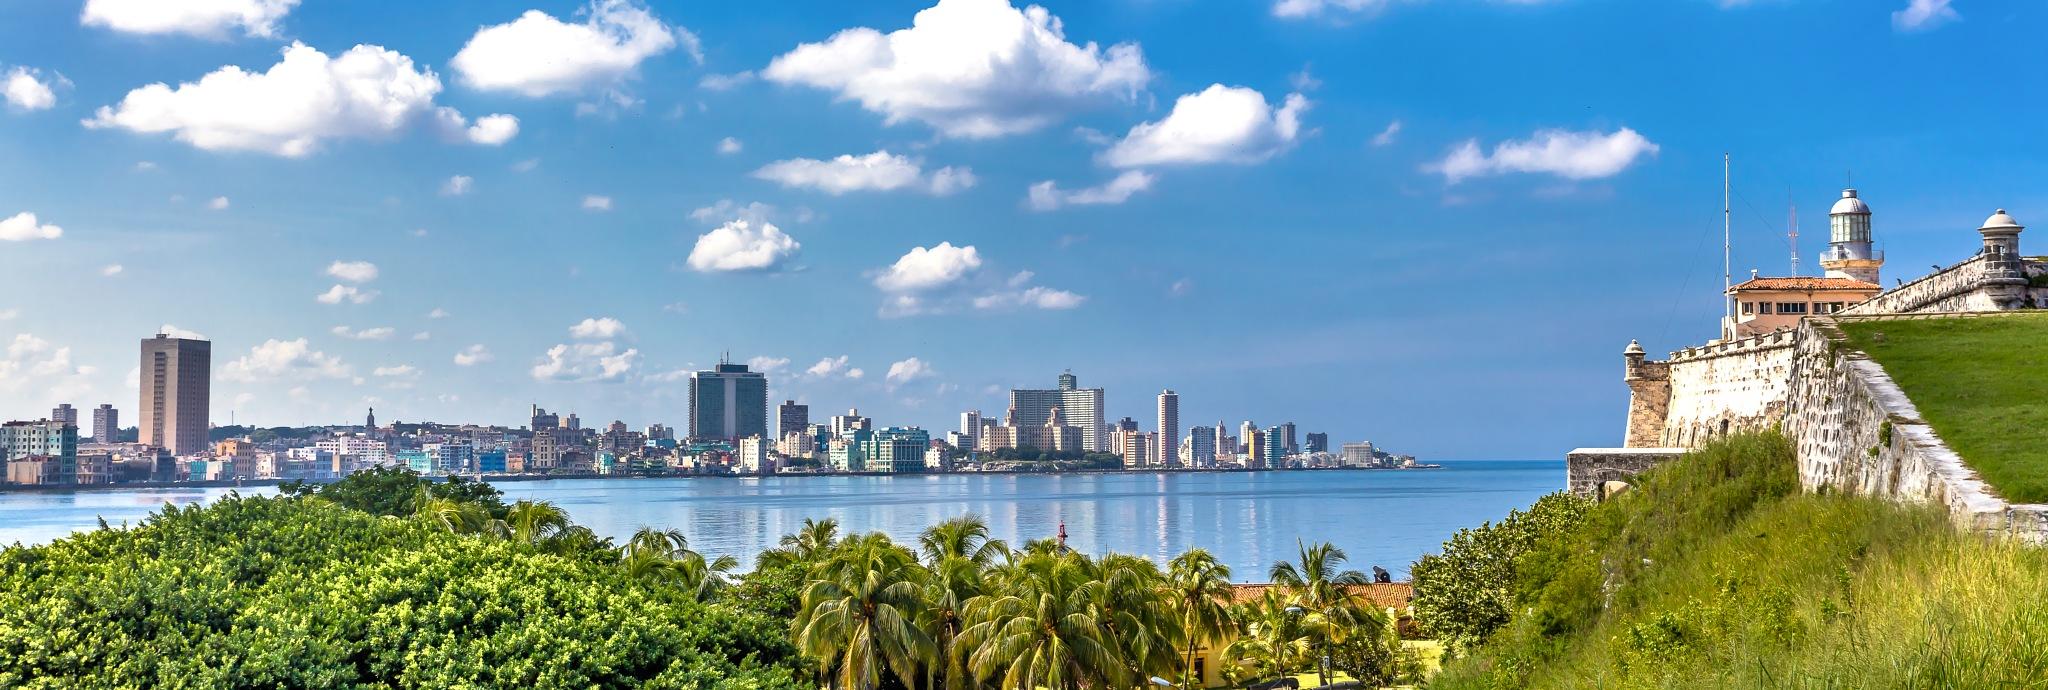 Havana......Beautiful Havana Today by uwe_foto